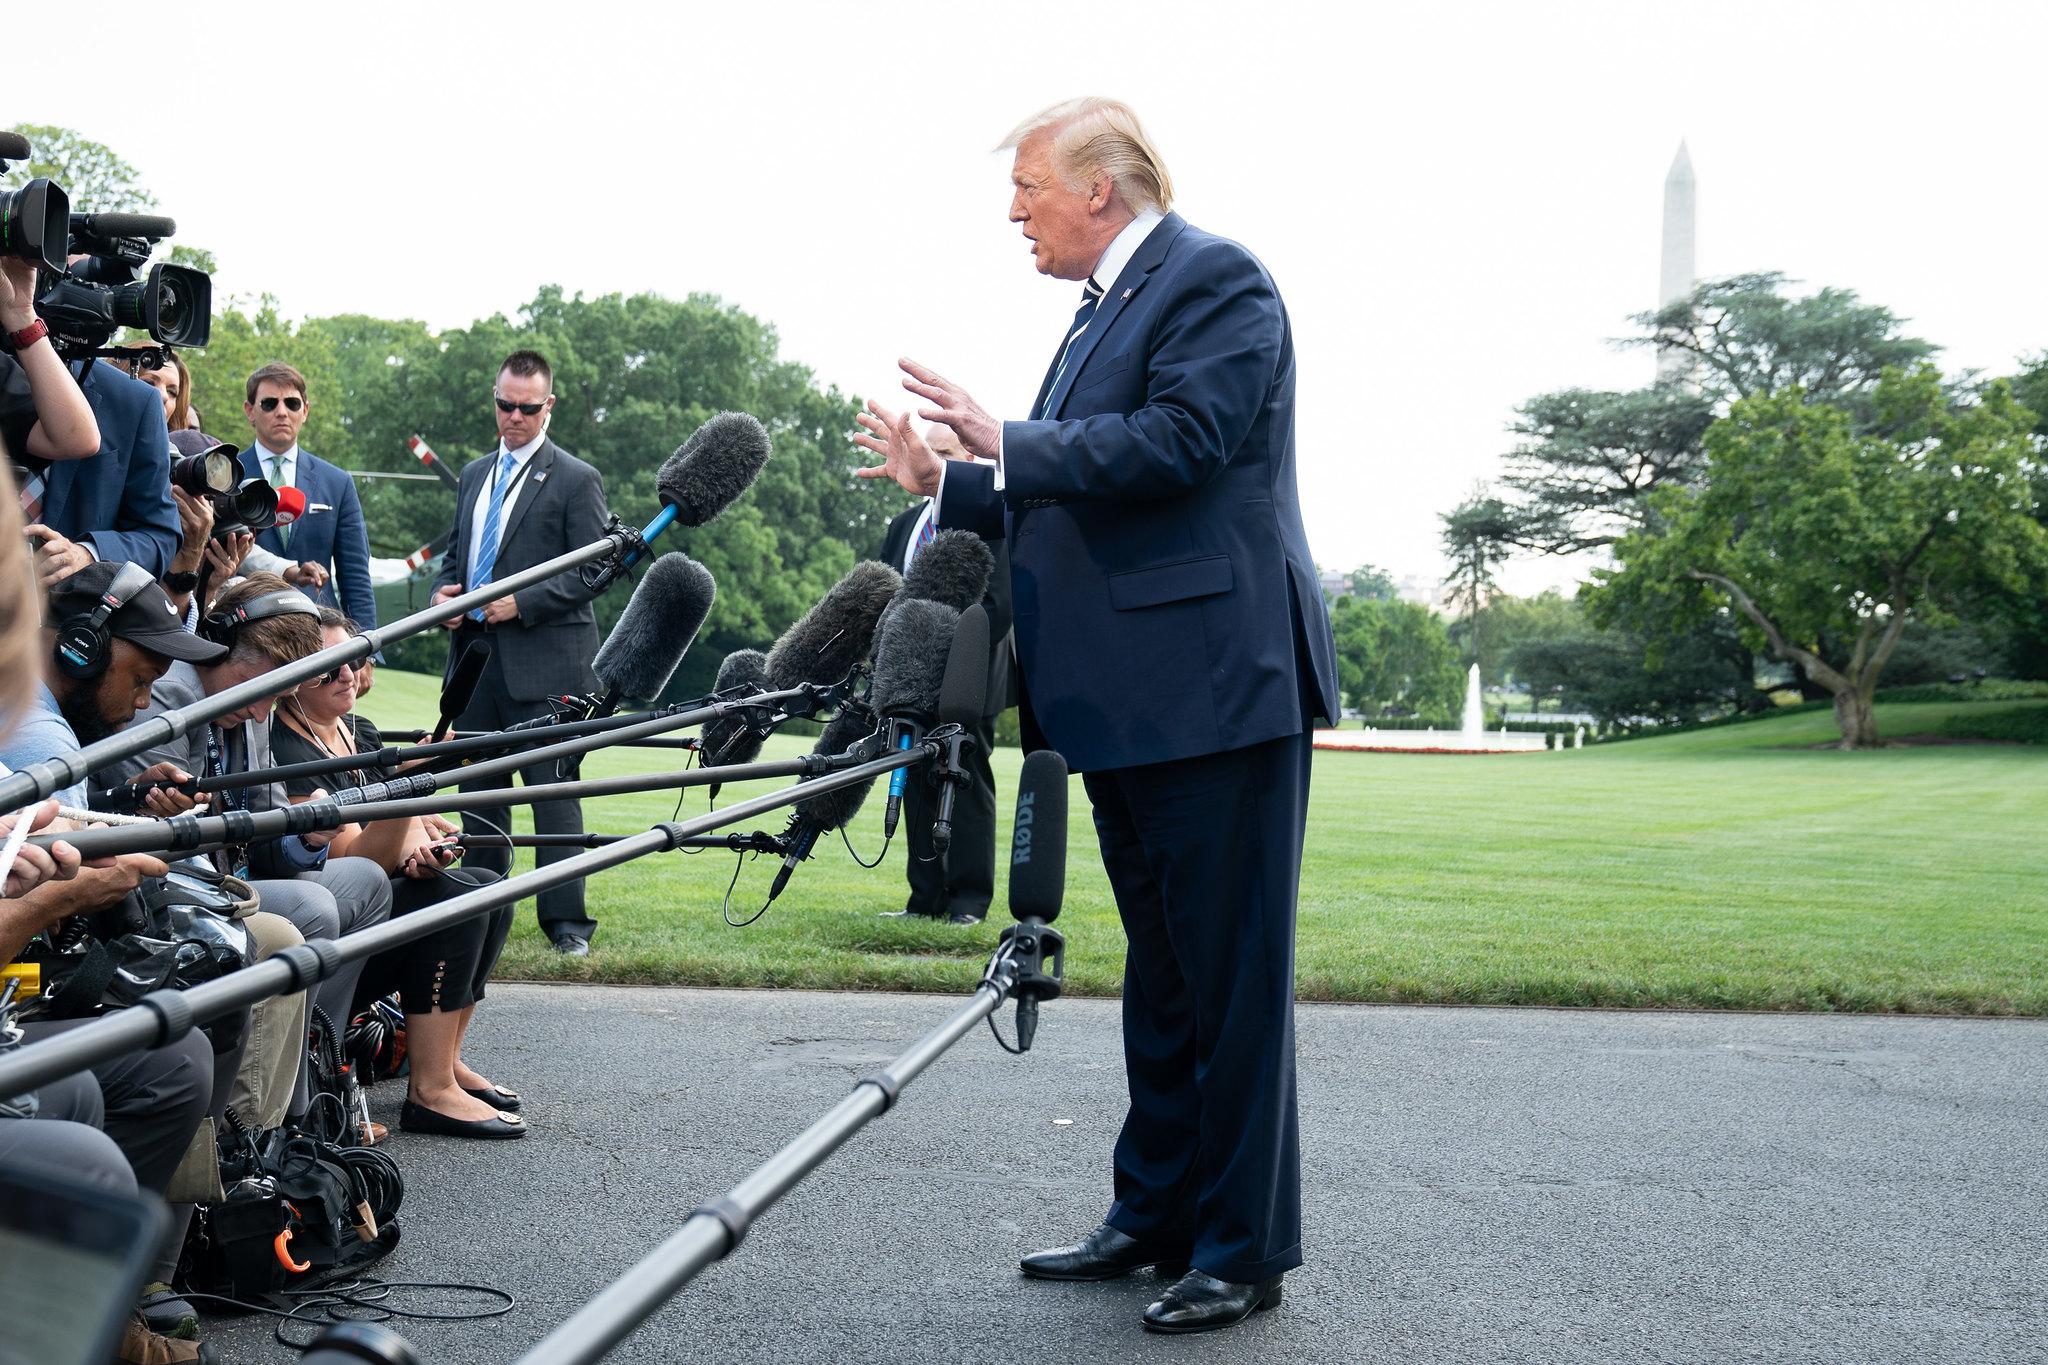 Trump habla con los periodistas en el jardín de la Casa Blanca. Foto: Flickr / The White House